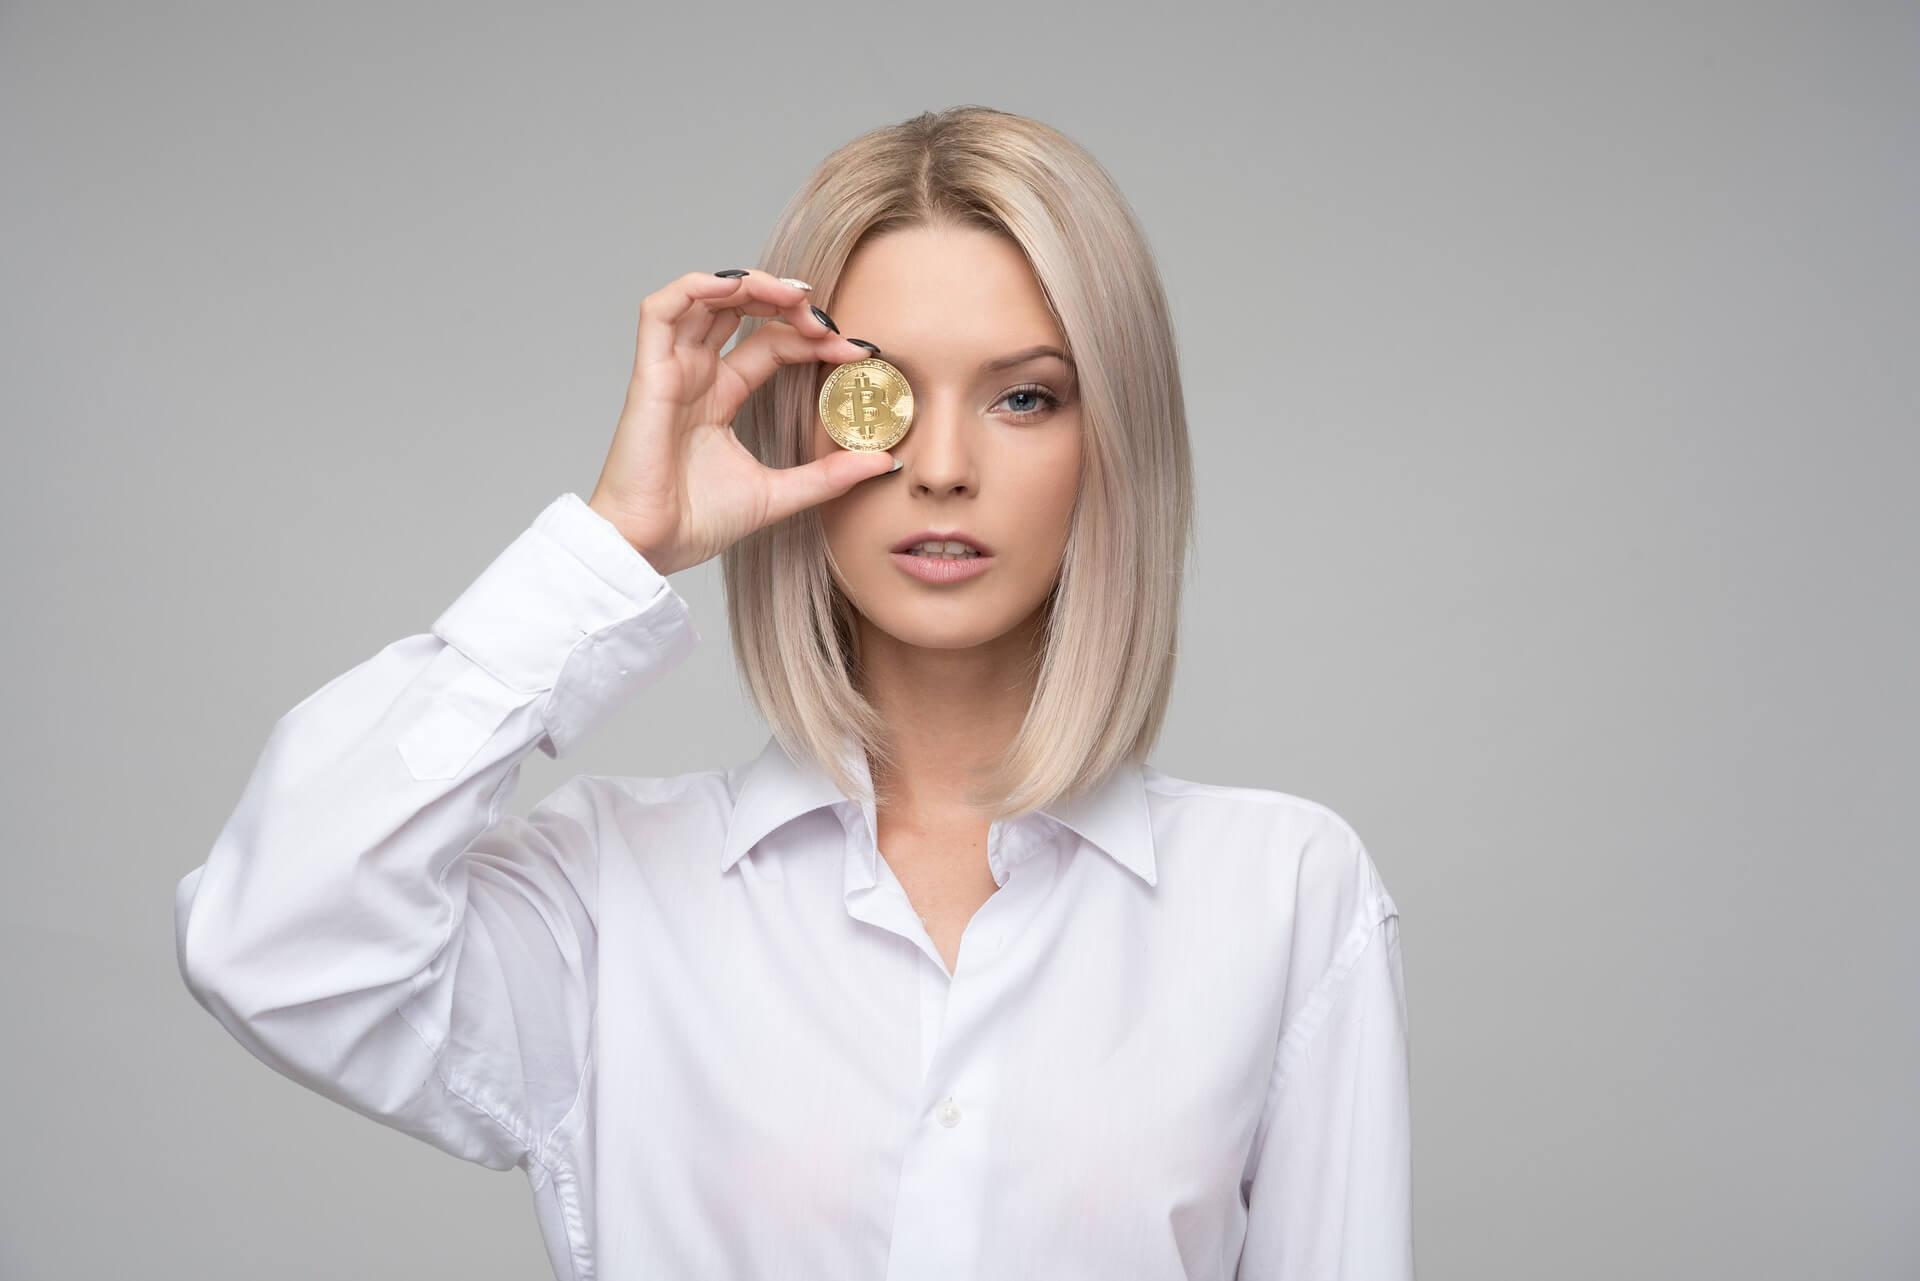 5 Alternatives to Bitcoin